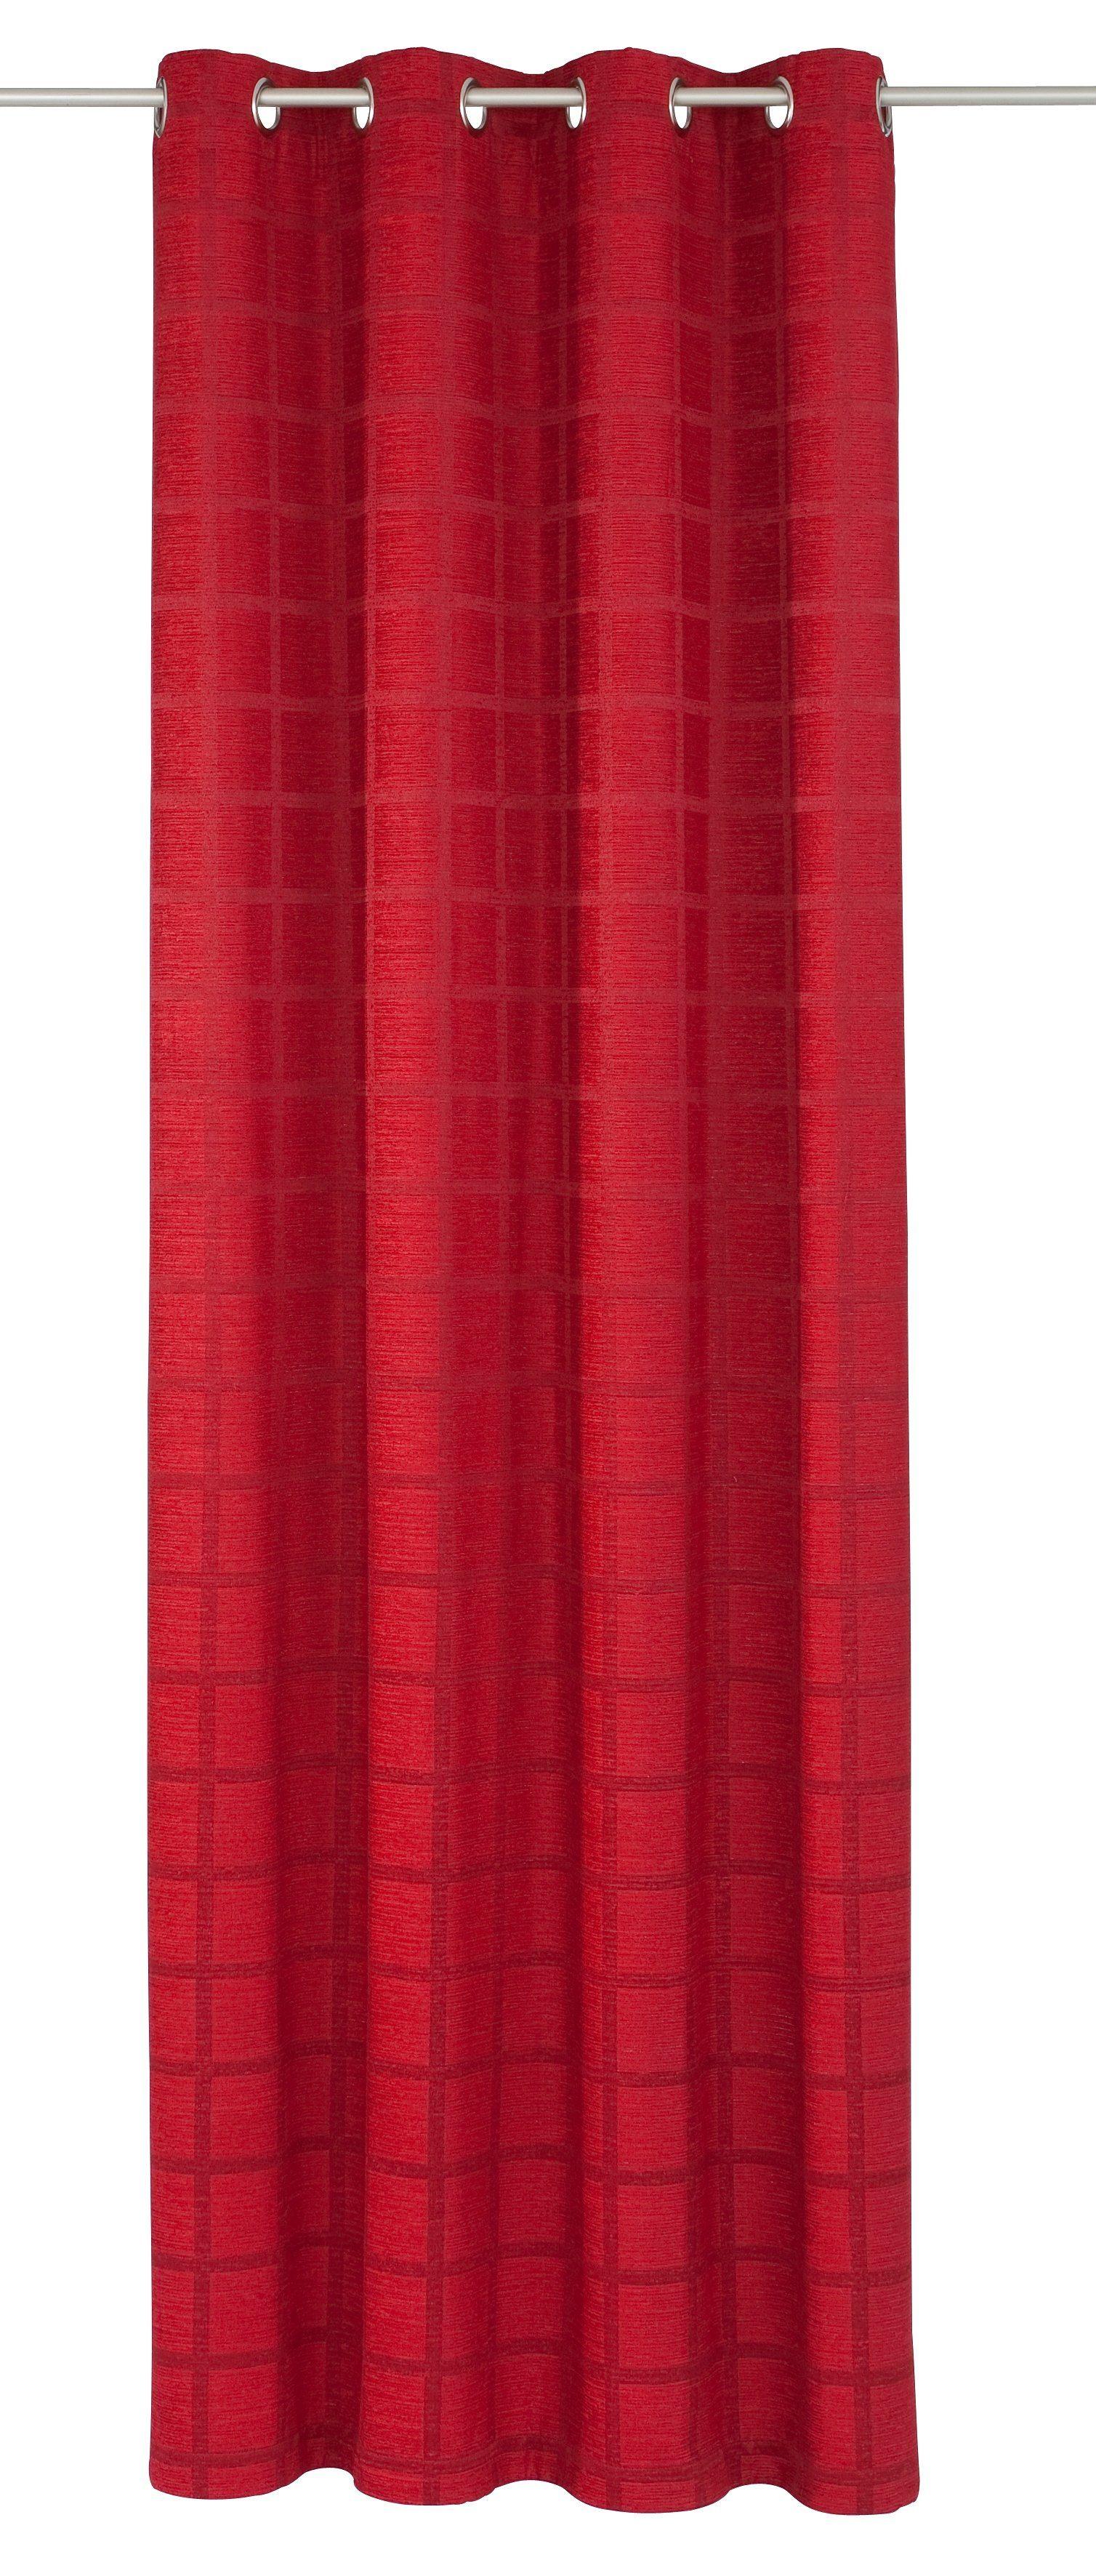 Vorhang »Toco-Karo«, Wirth, Ösen (1 Stück)